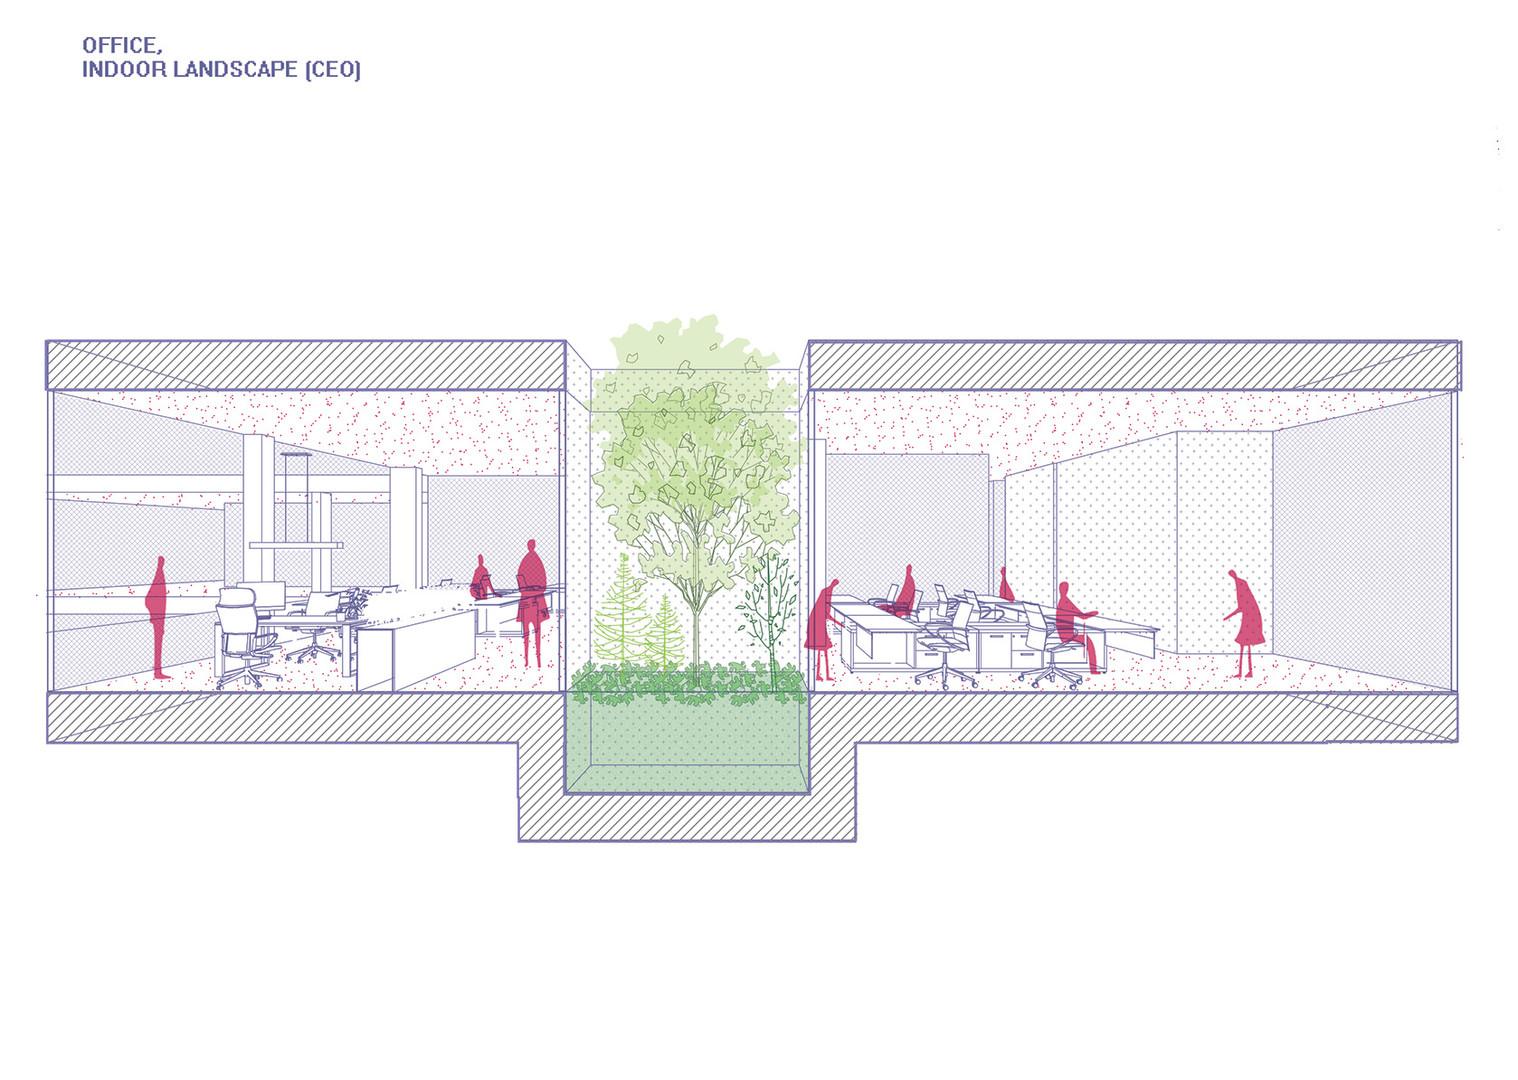 20161213_UGH_Diagram_Office_indoor lands